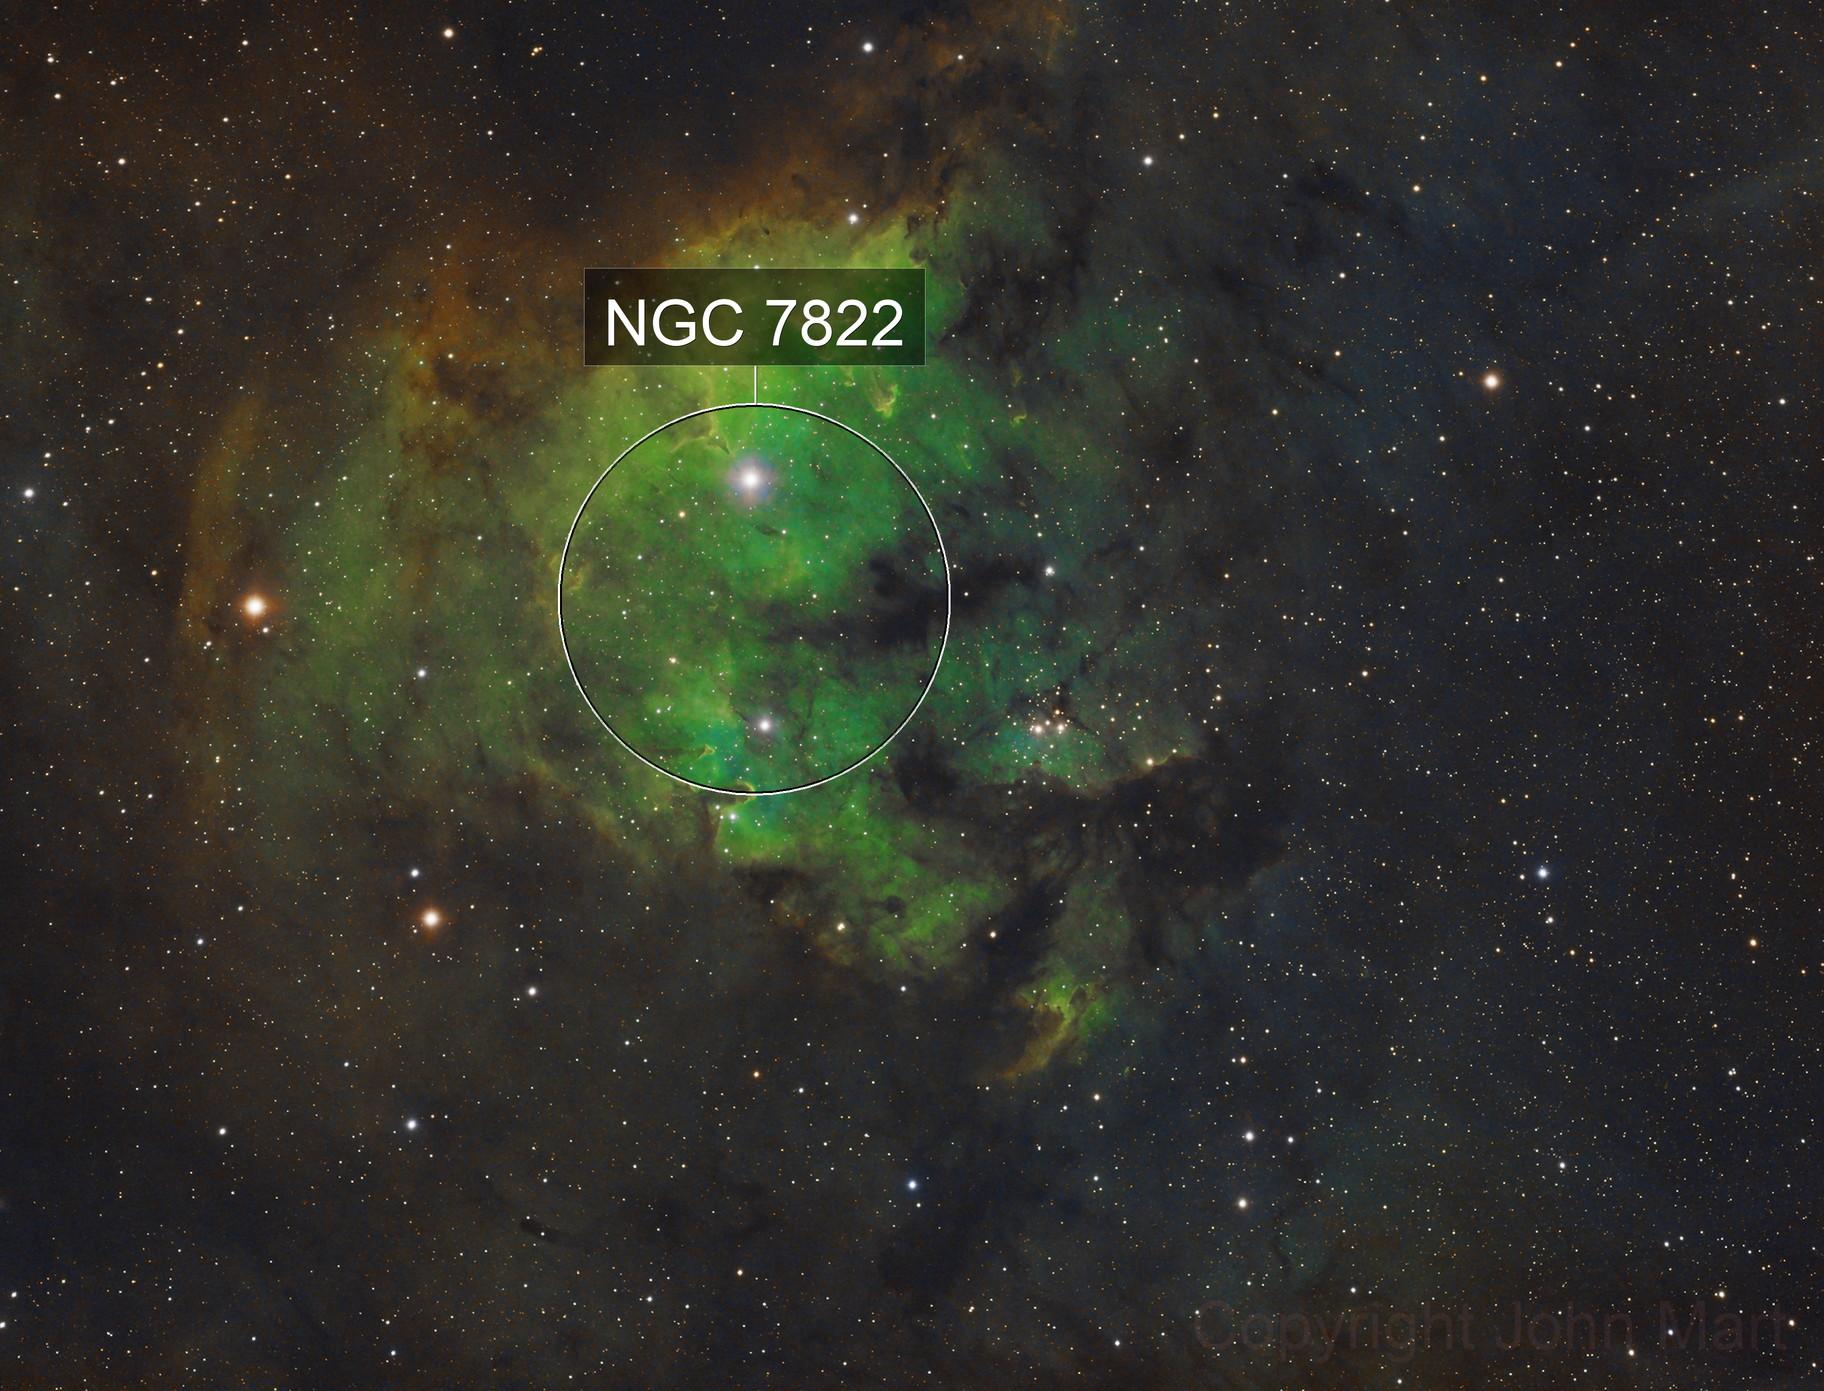 ngc 7822 in Cepheus